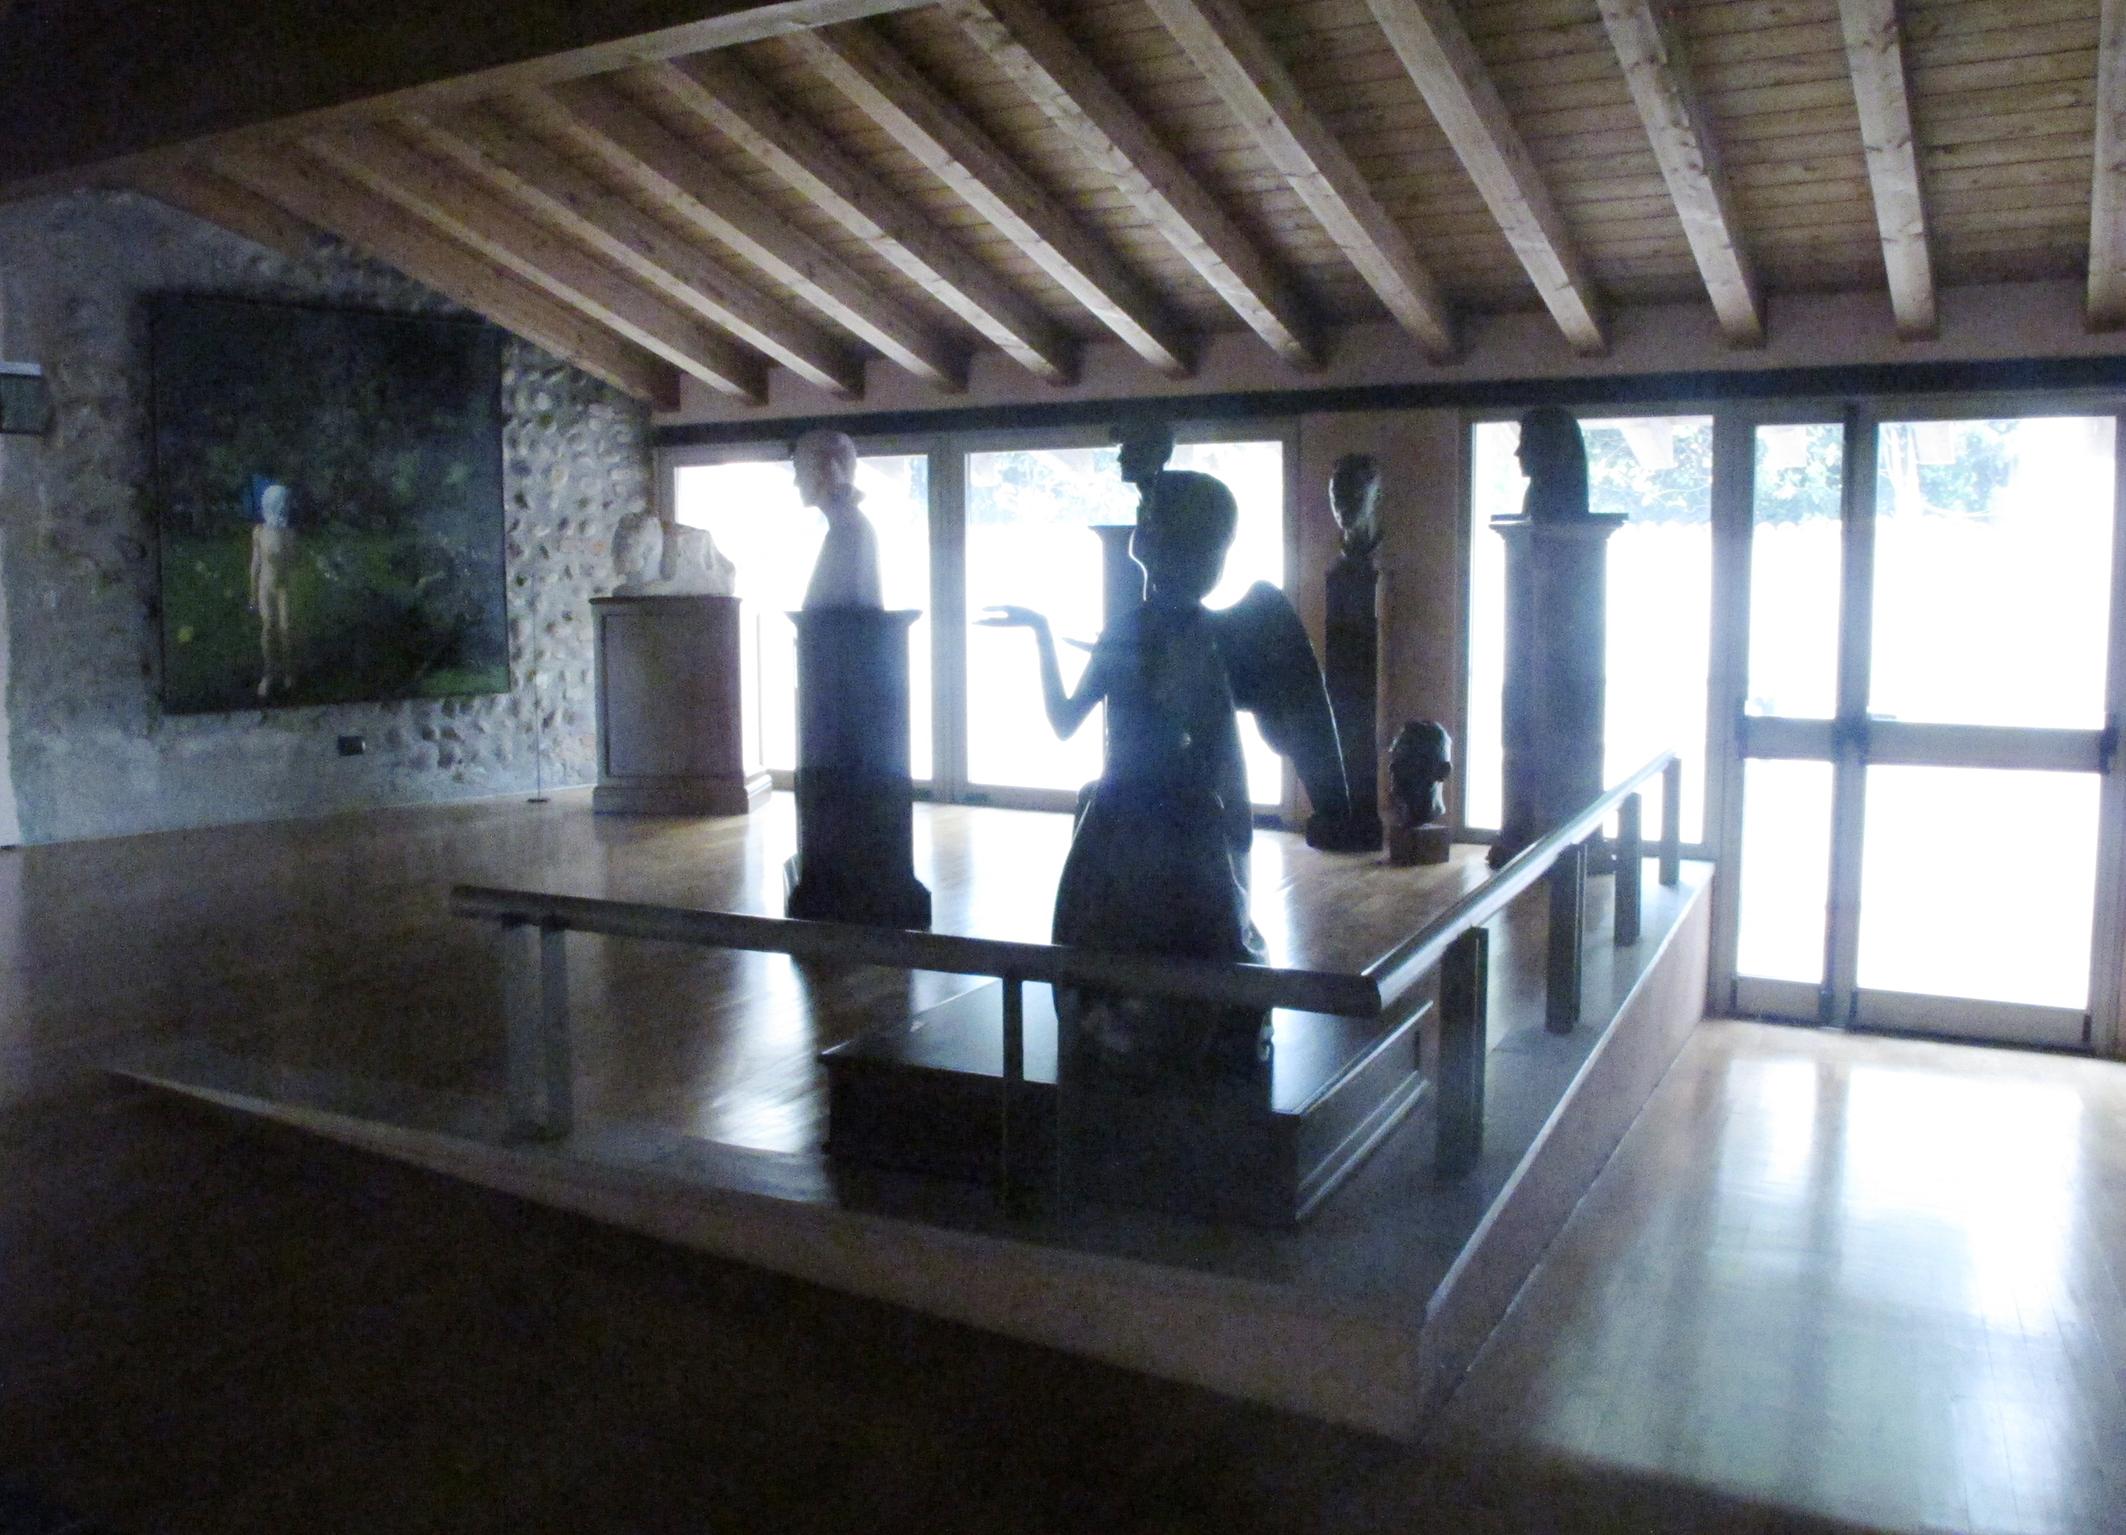 098_chiari e padernello_09-04-16